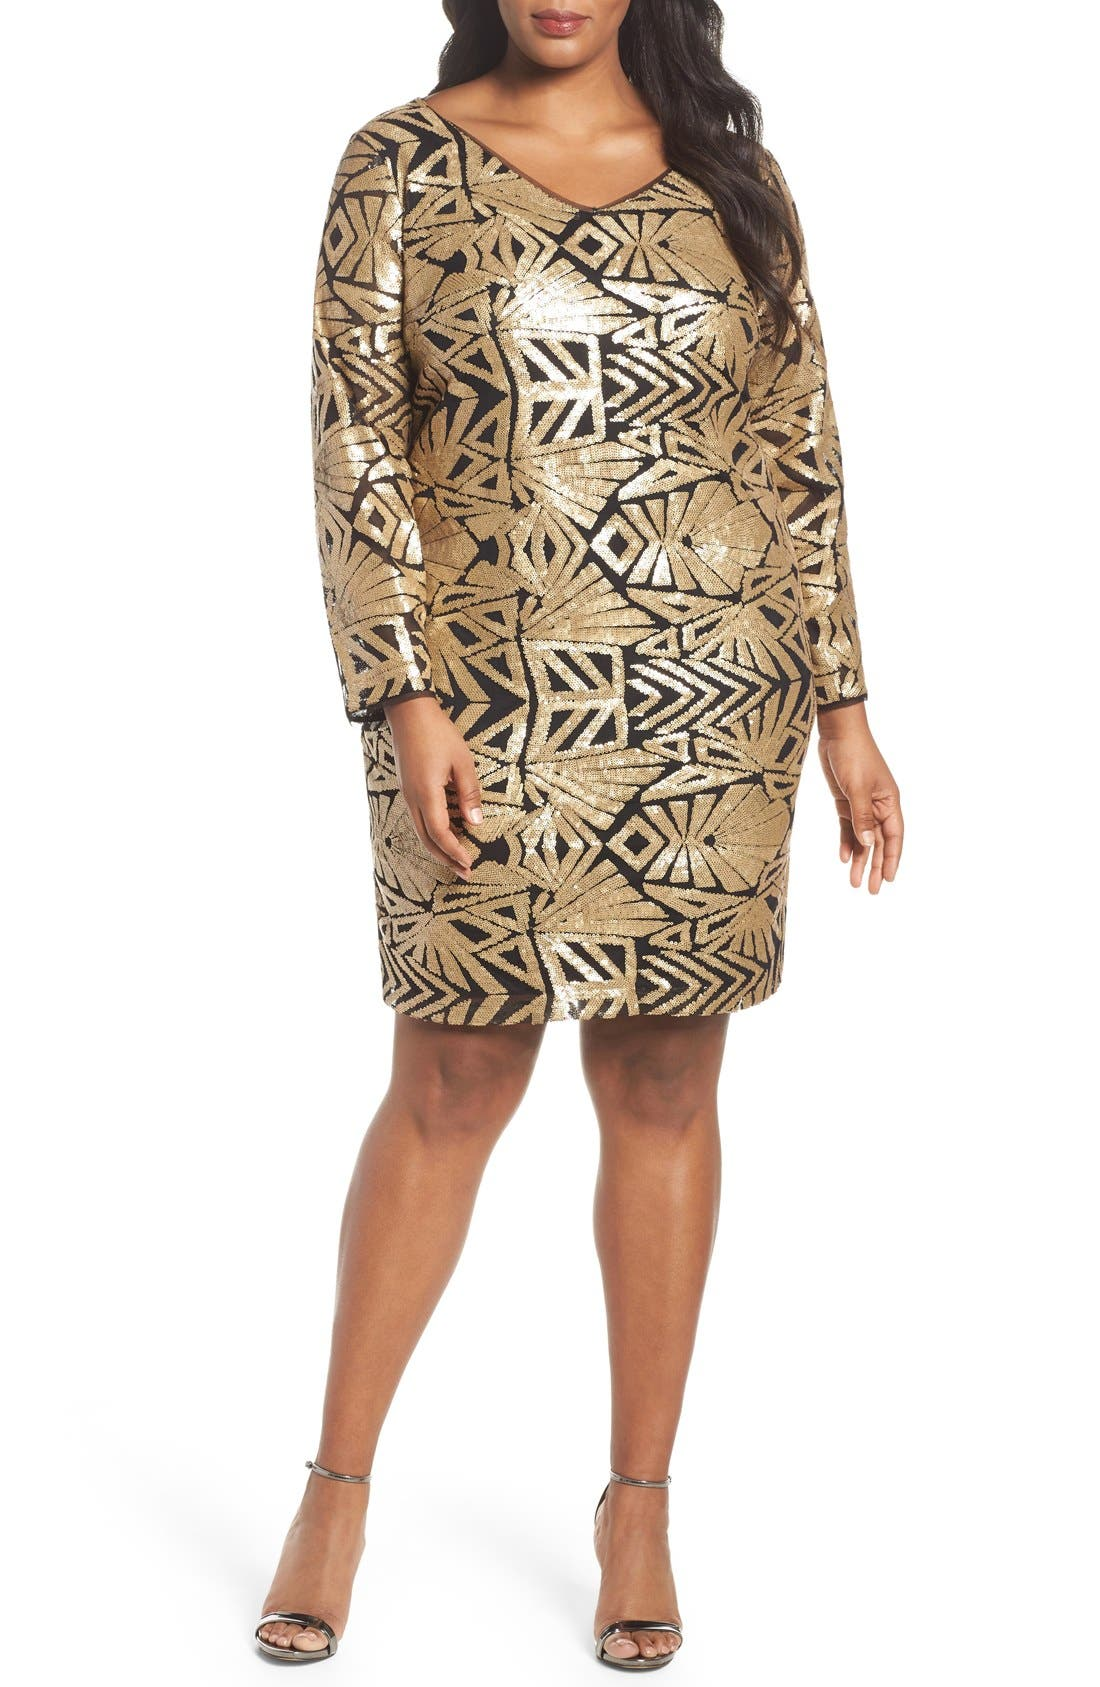 Alternate Image 1 Selected - Marina V-Neck Sequin Sheath Dress (Plus Size)